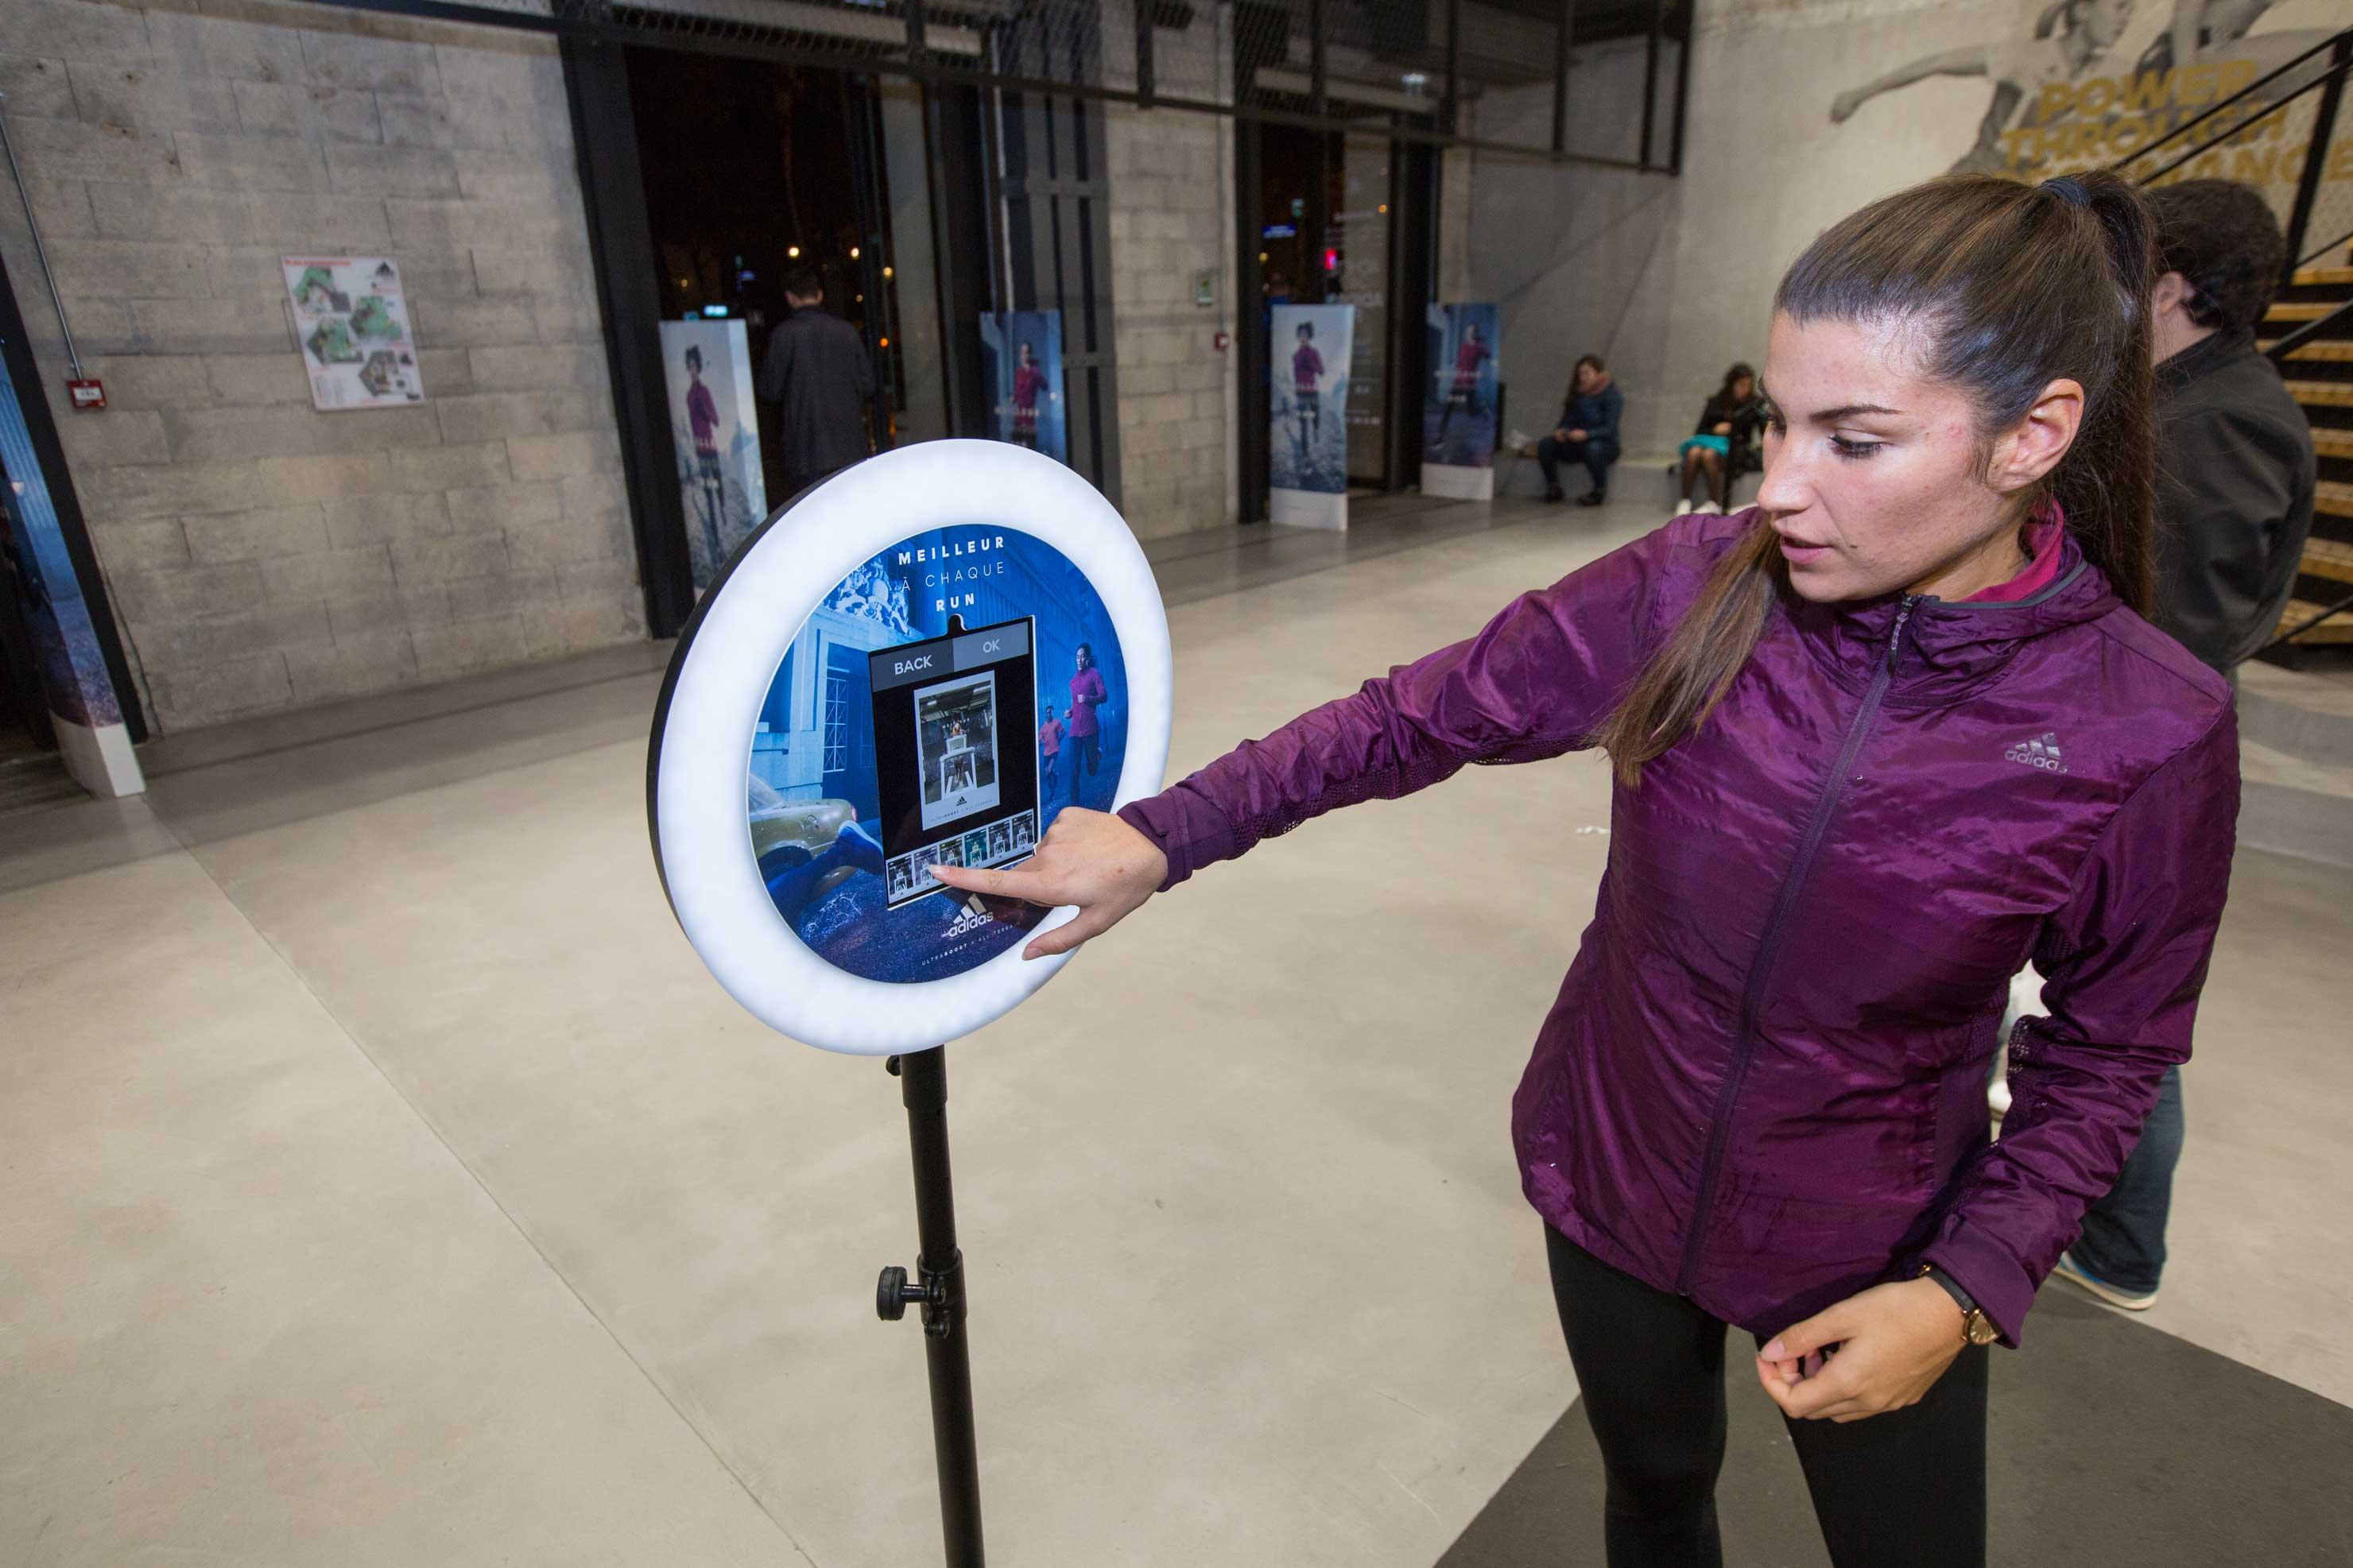 Dans un magasin Adidas, une femme pianote sur l'écran du photobooth de Josepho pour choisir le filtre de sa photo.